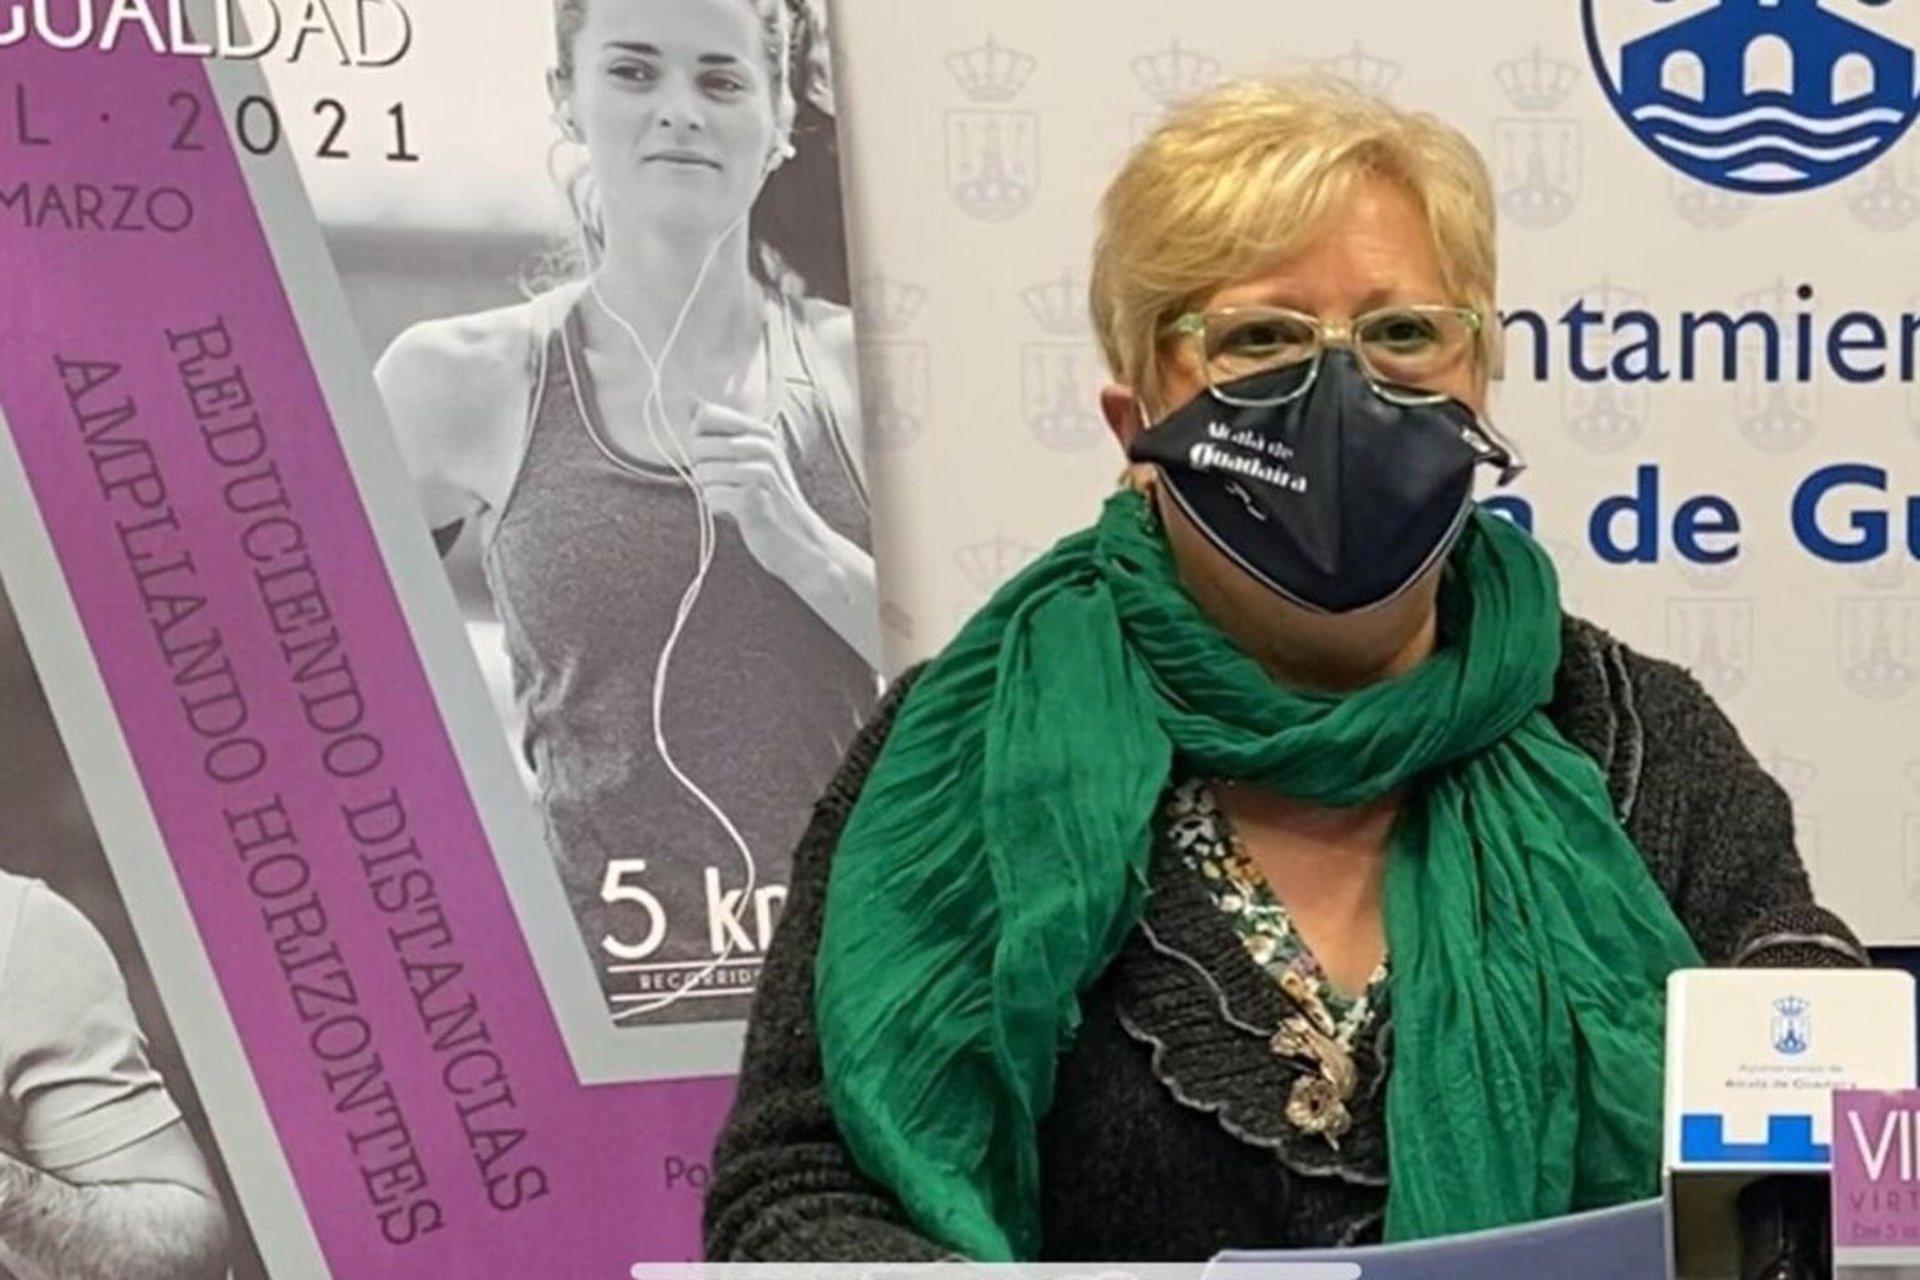 Sevilla.- Alcalá de Guadaíra conmemora el 8M 'Día Internacional de la Mujer' con una completa programación online